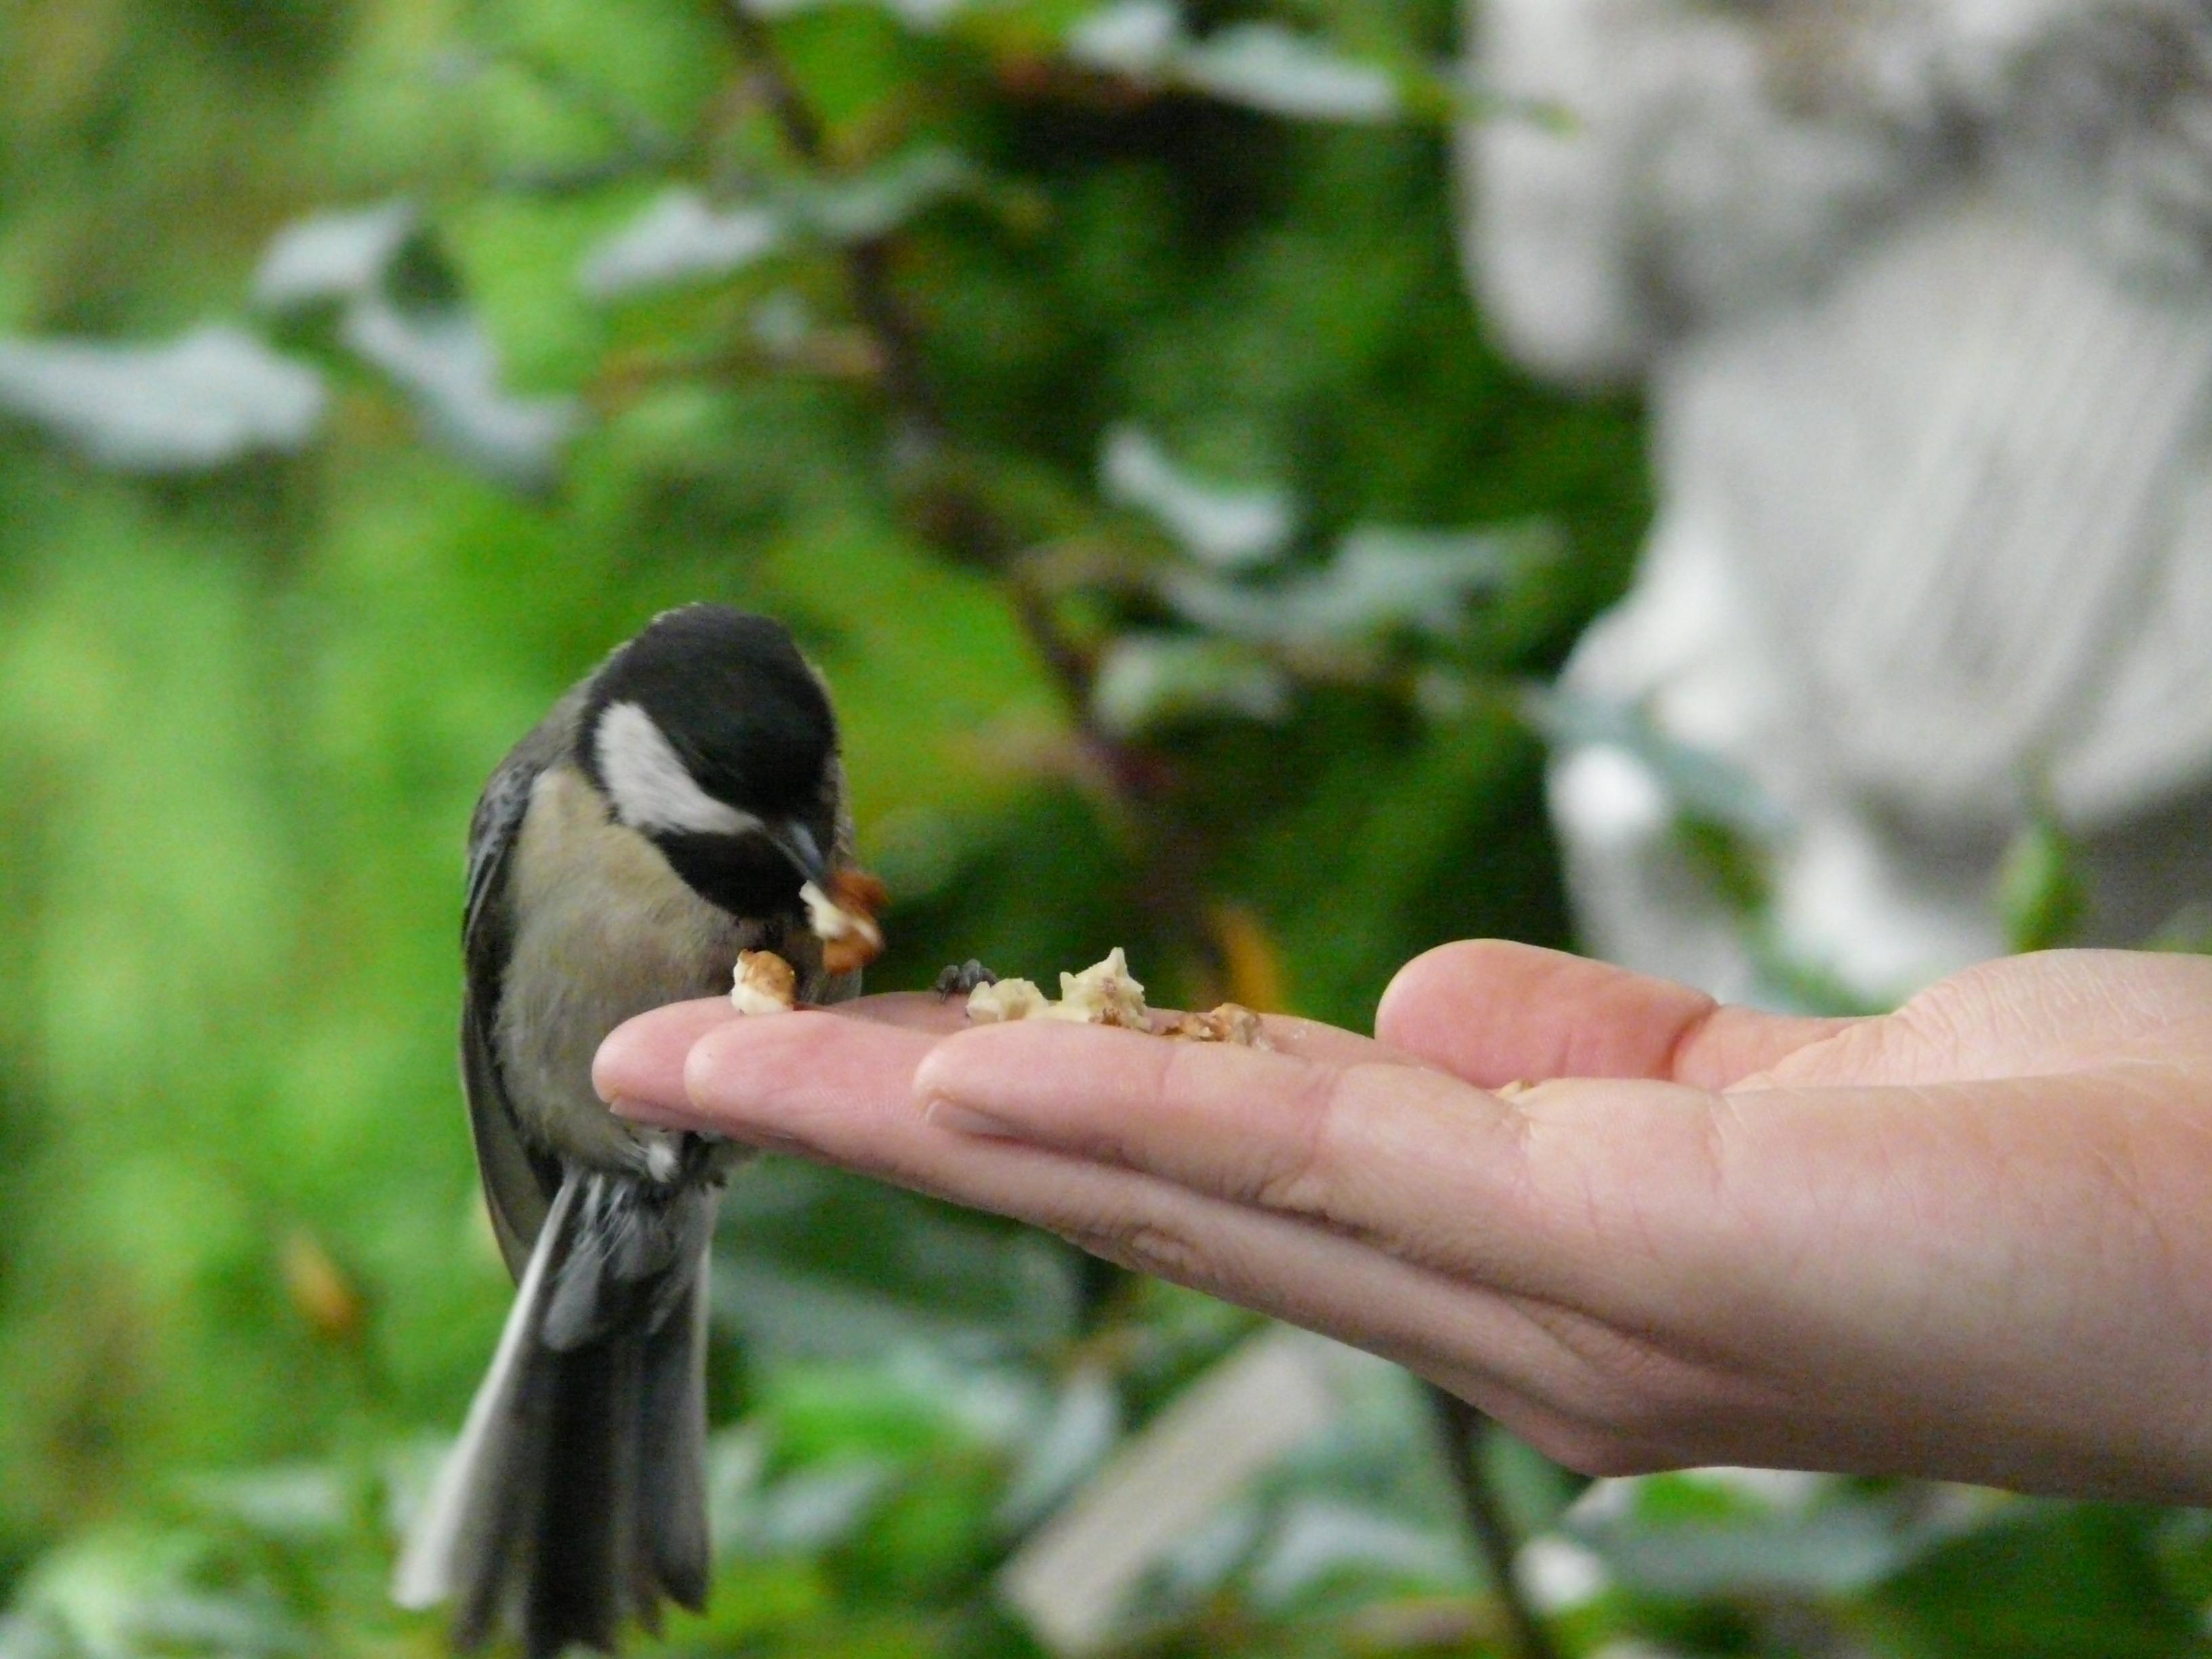 картинки как кормят птиц с руки